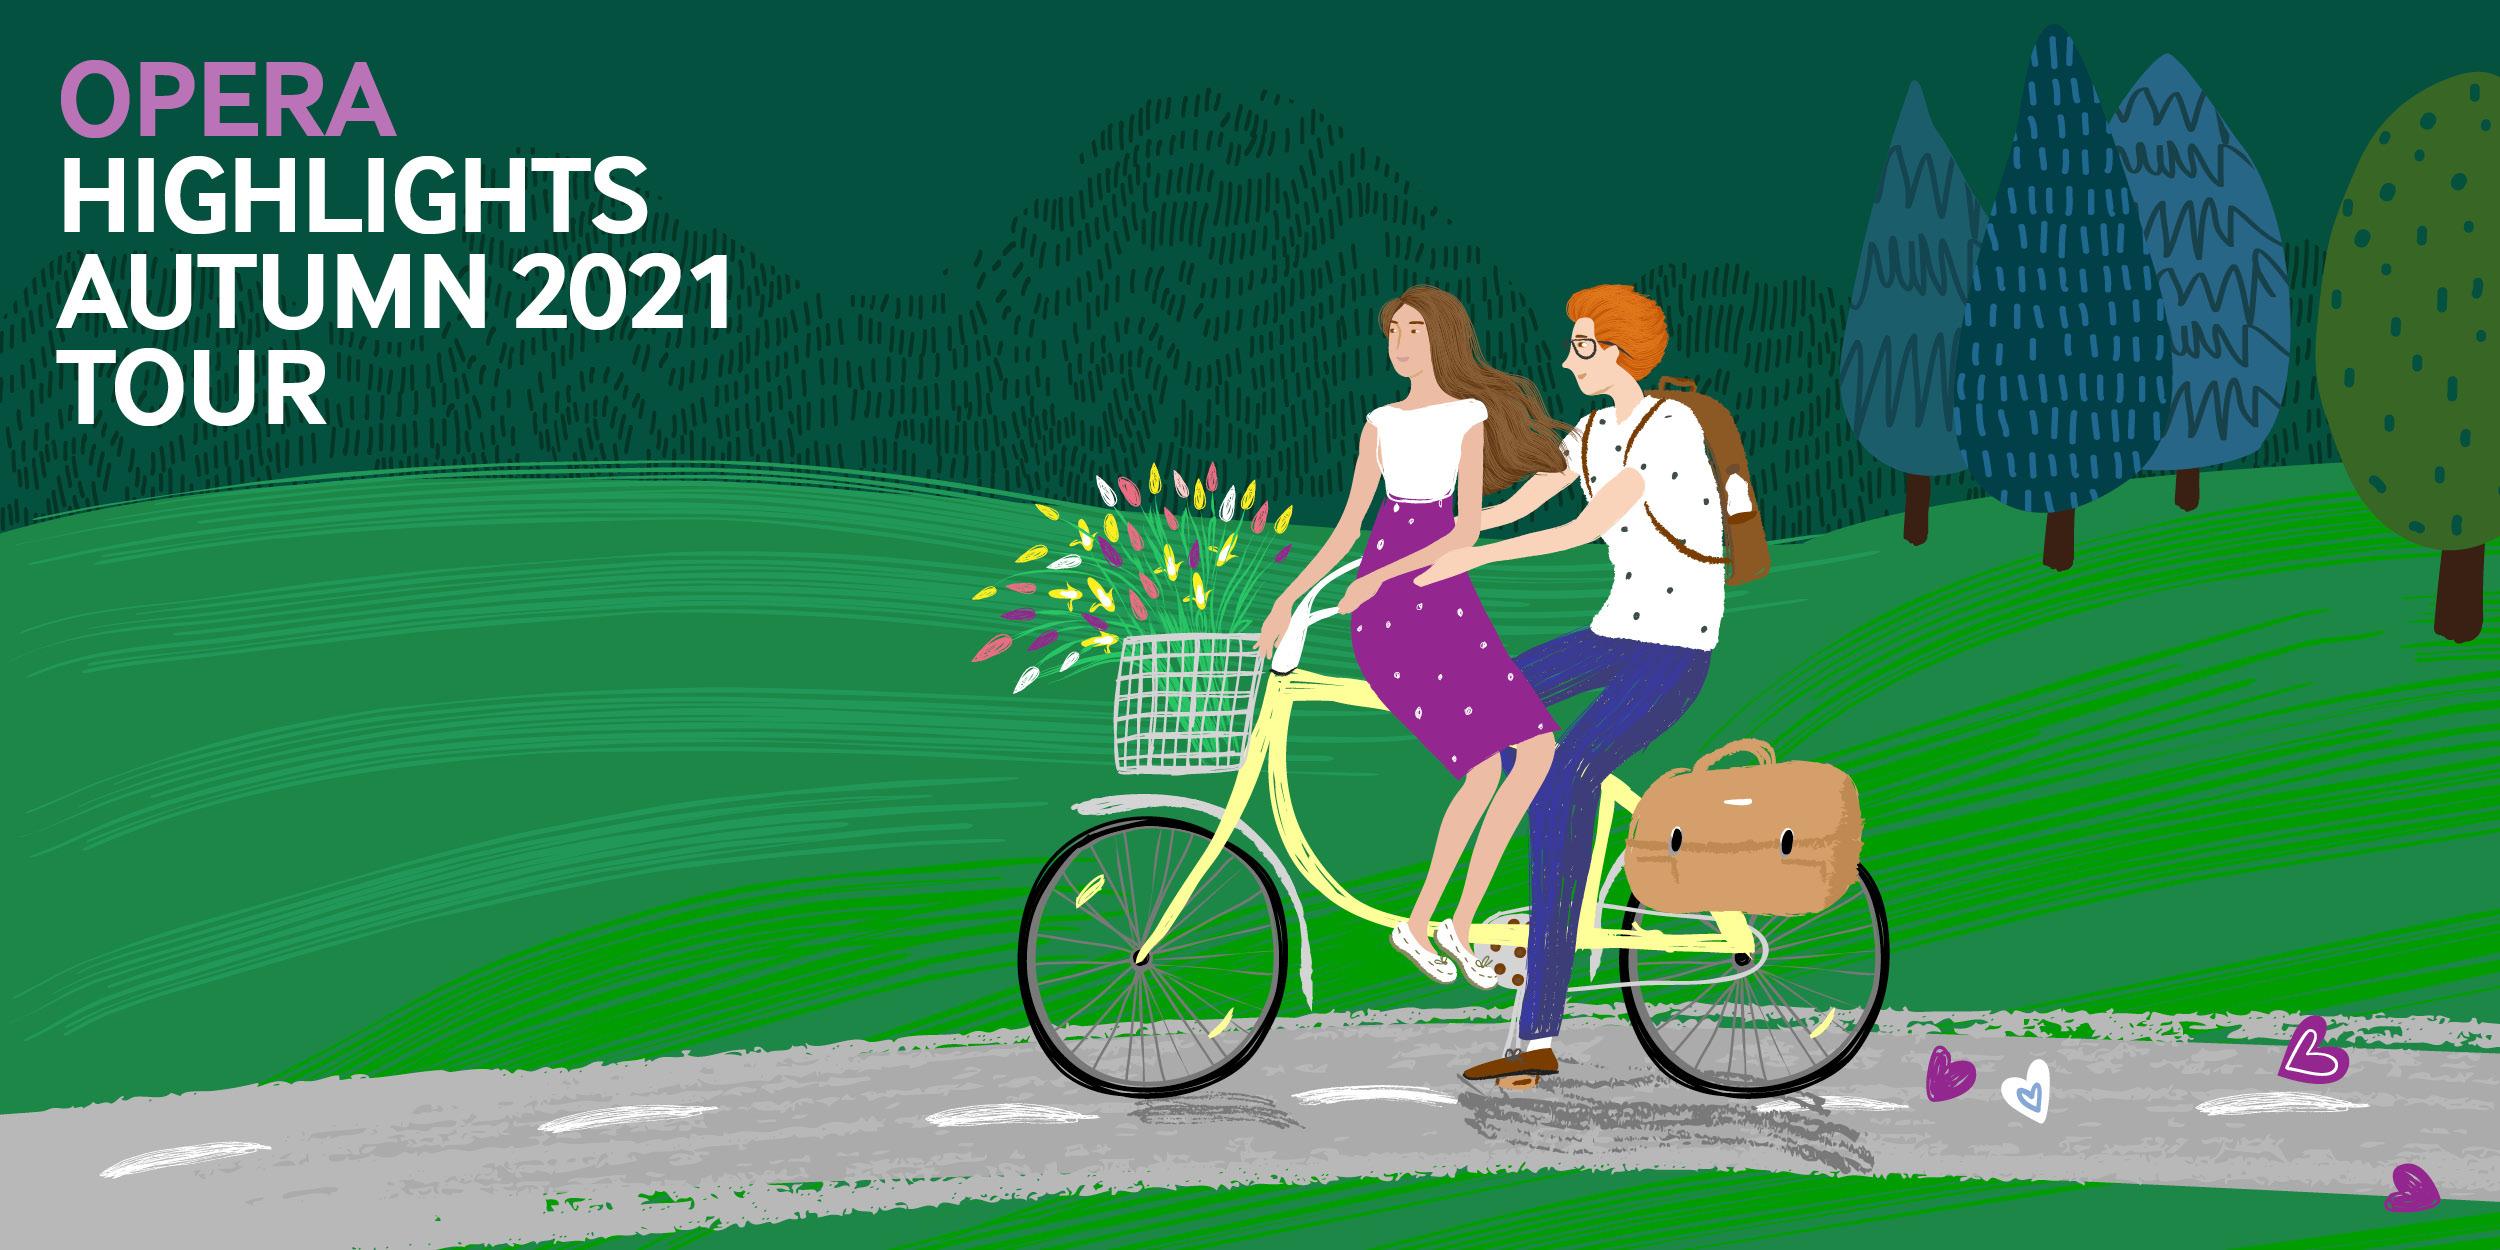 Couple on a bike- - Scottish Opera Opera Highlights Tour